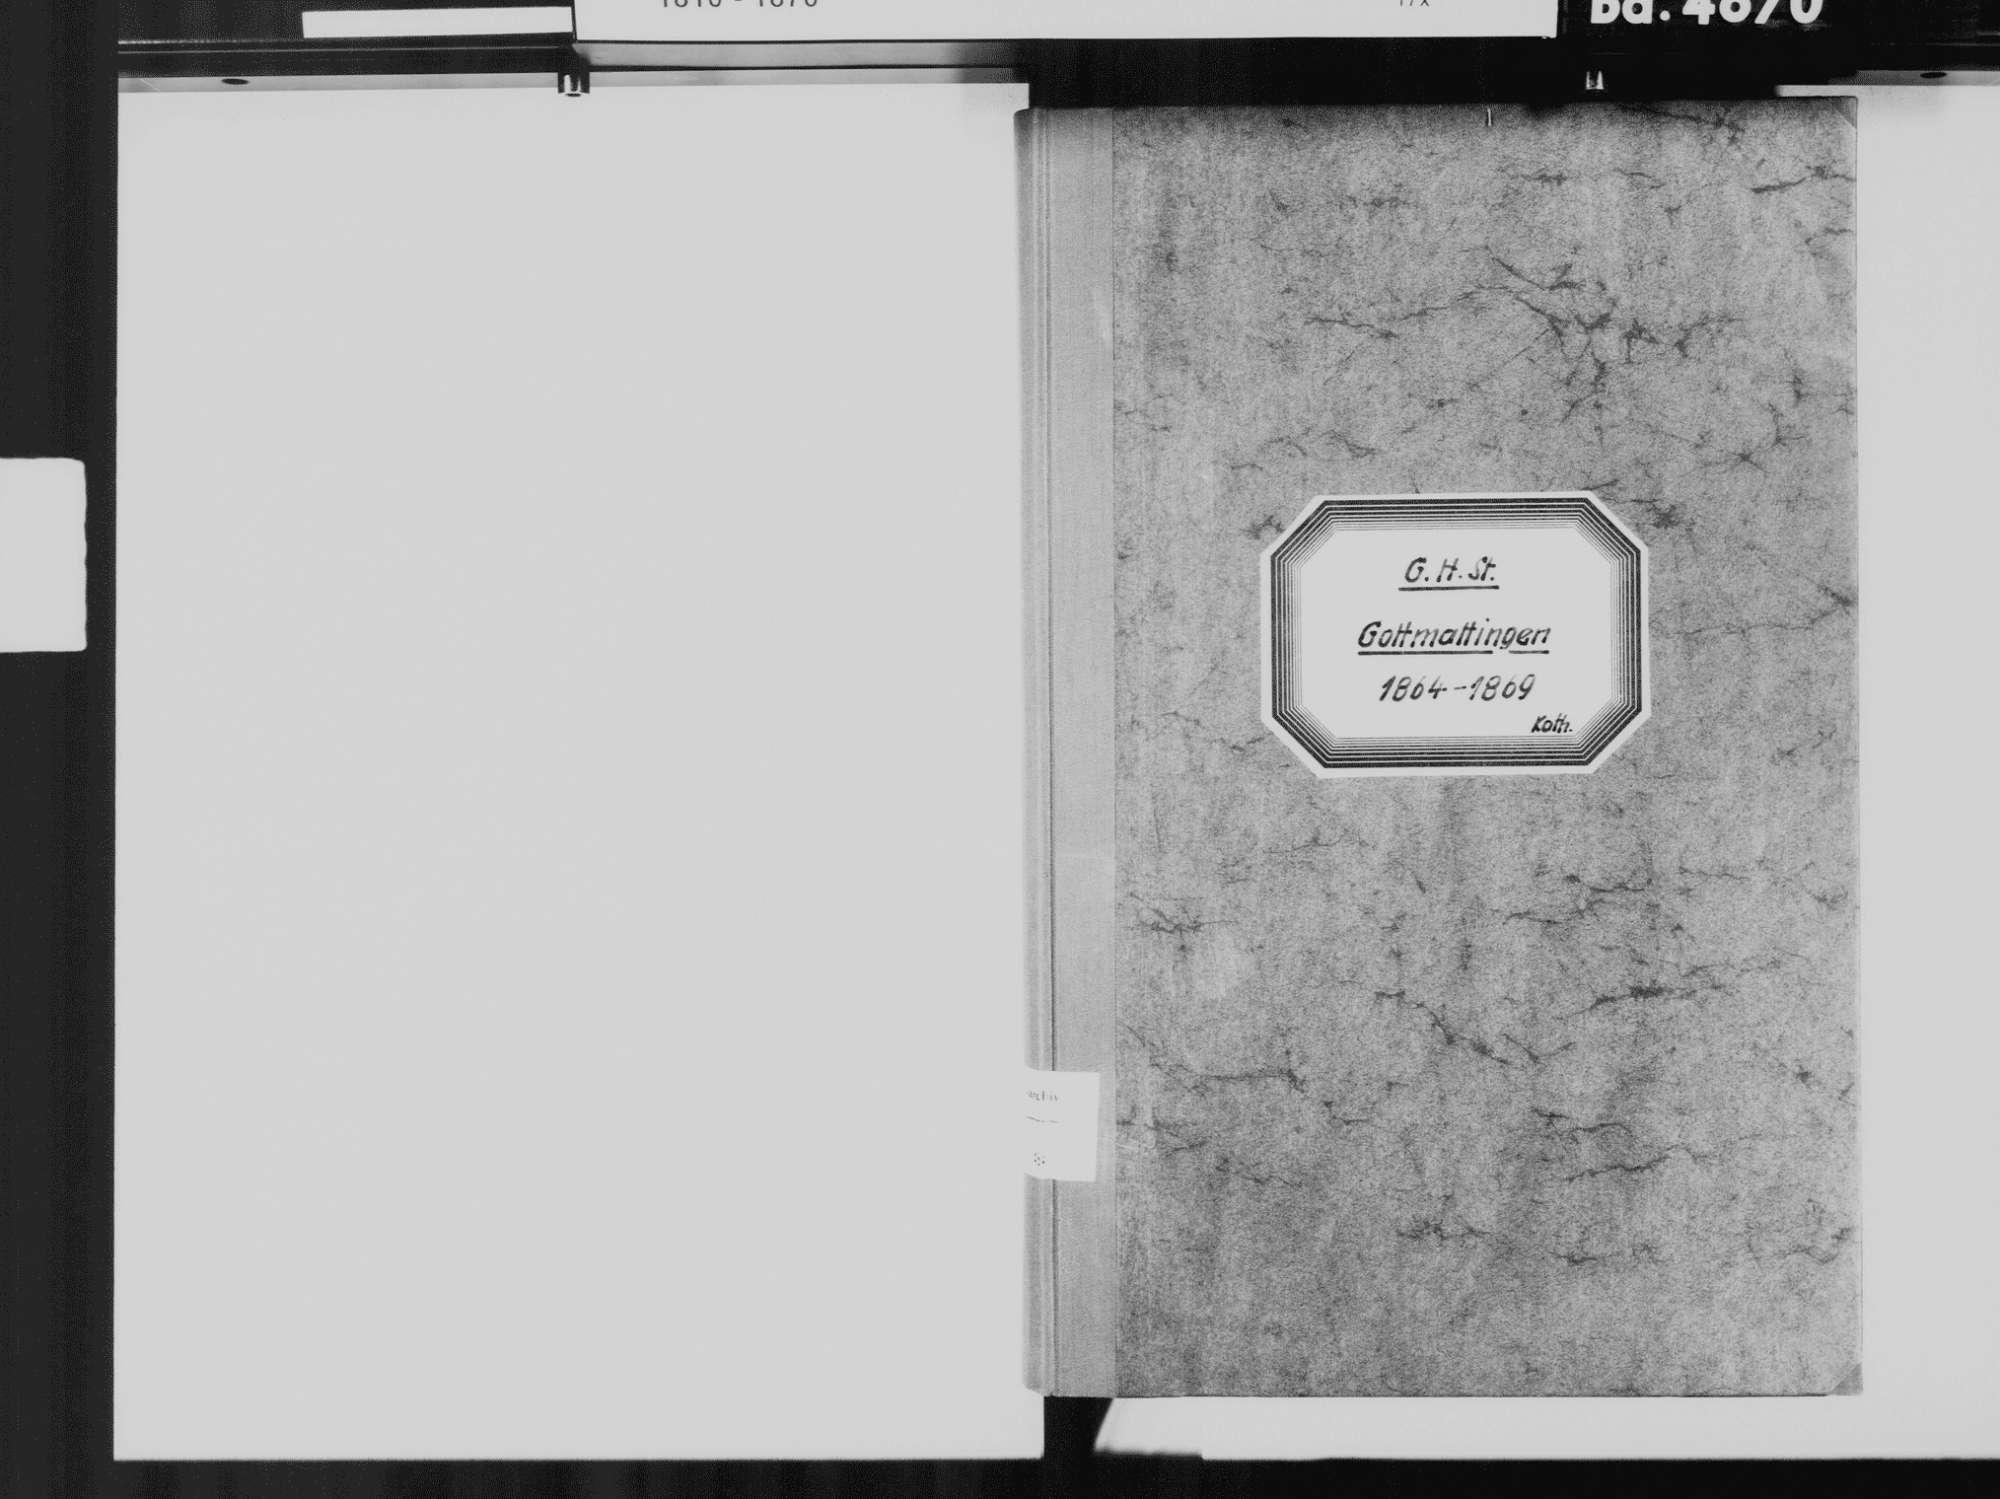 Gottmadingen KN; Katholische Gemeinde: Standesbuch 1864-1869, Bild 3